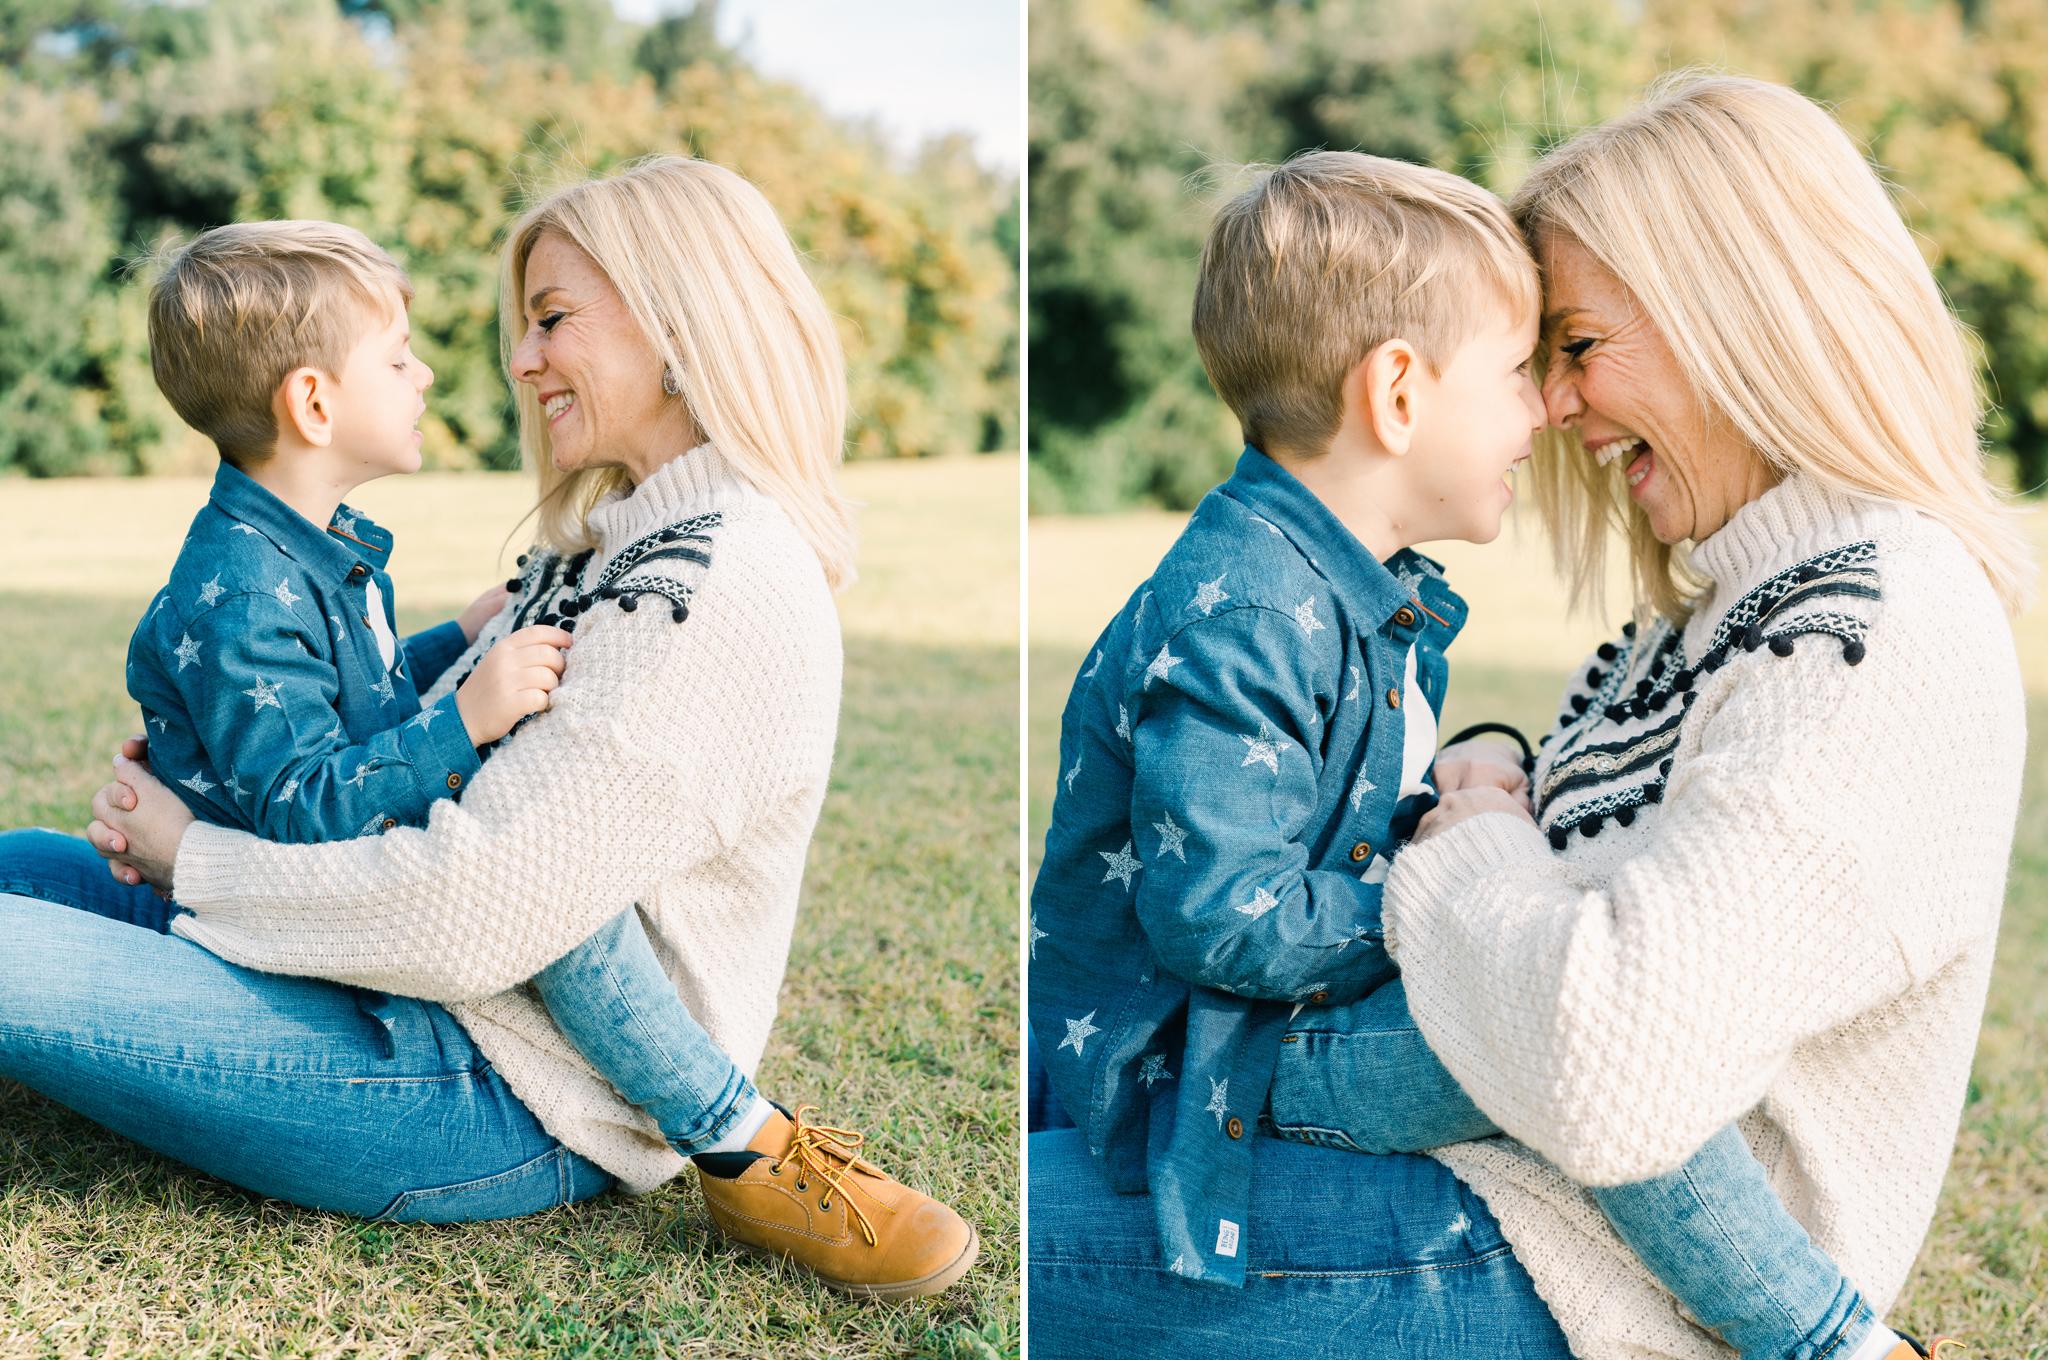 fotografia infantil y familiar11.jpg